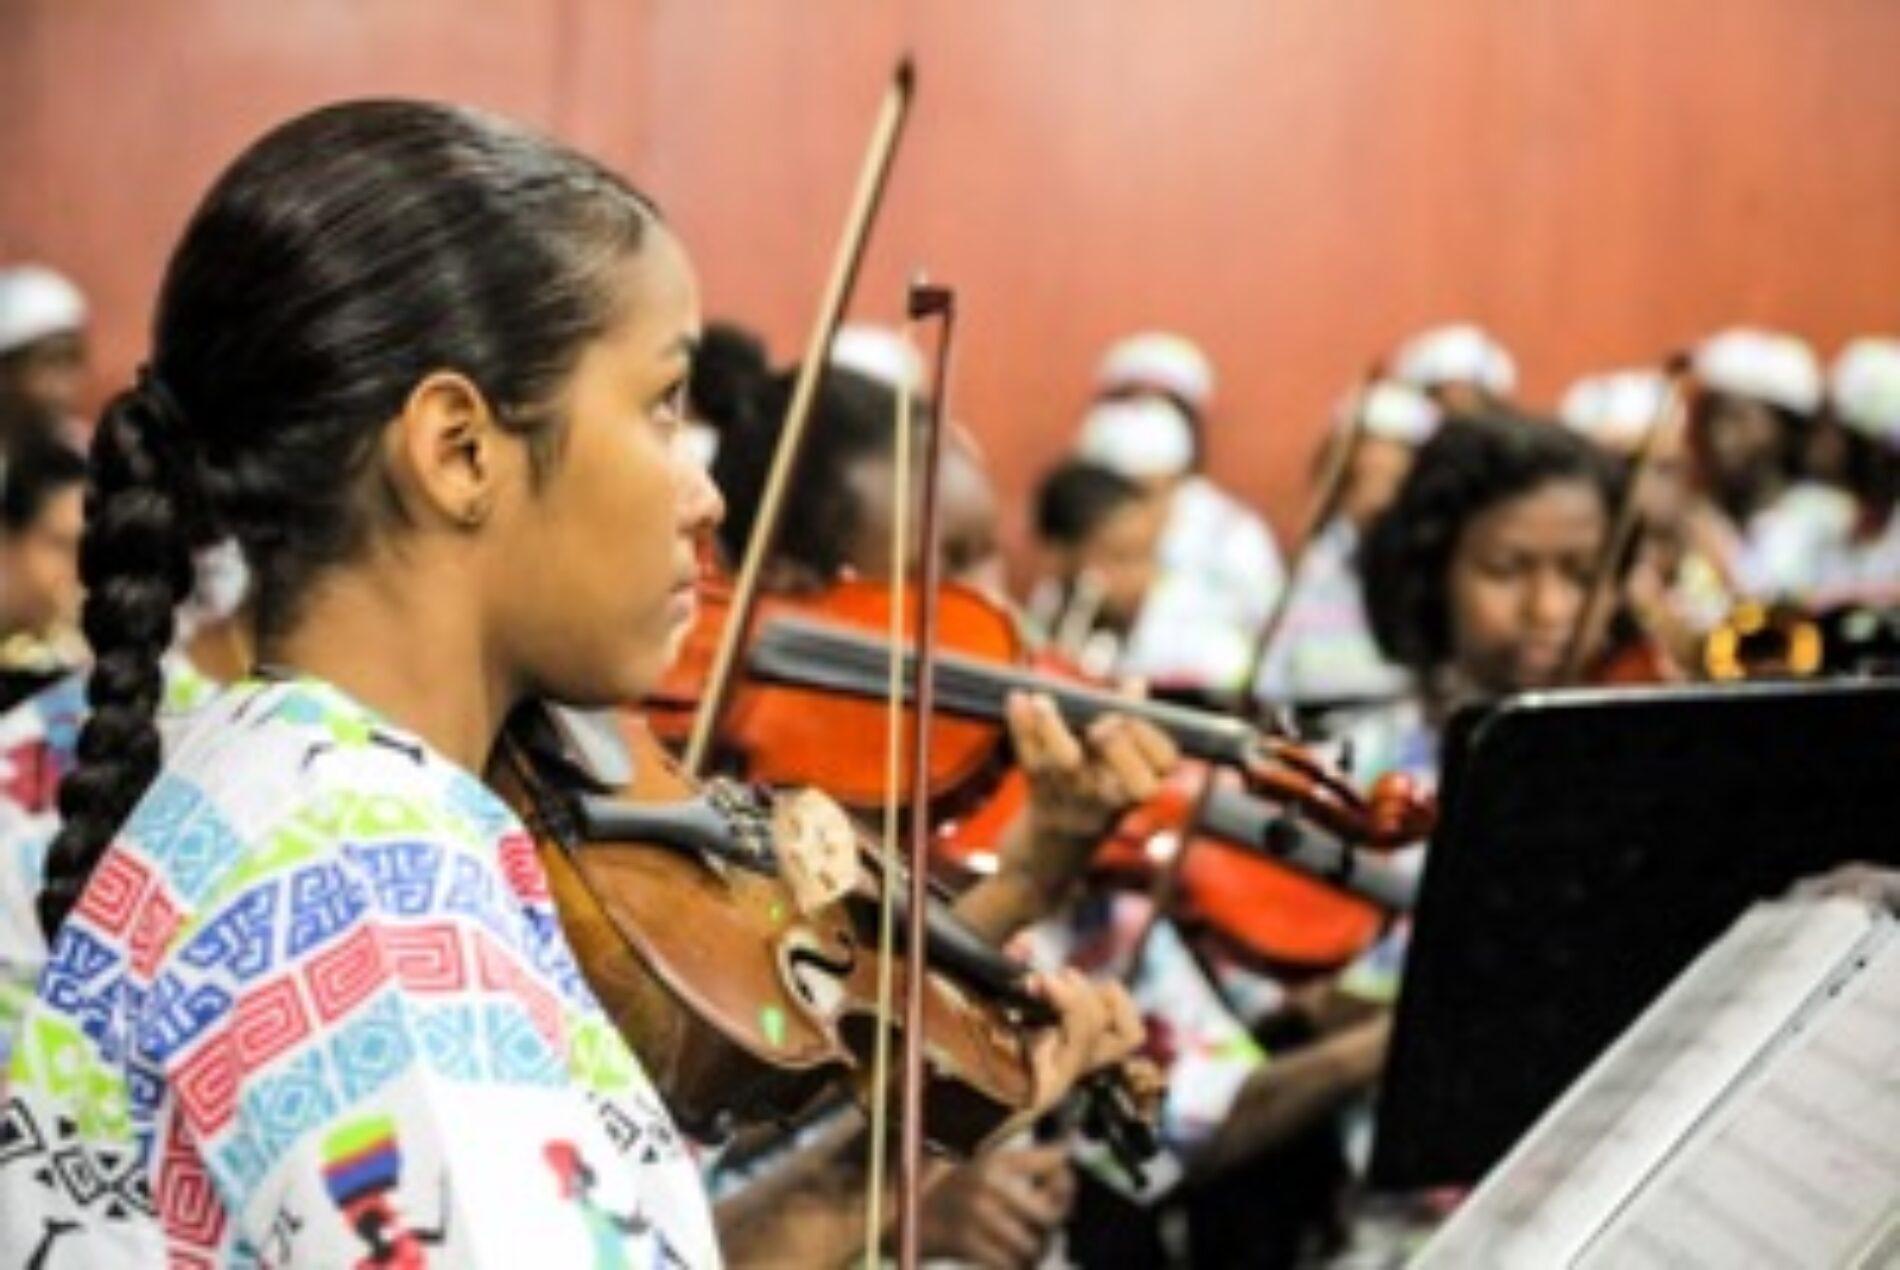 CoCrea abre convocatoria para reactivar la economía a través de las industrias culturales y creativas del país